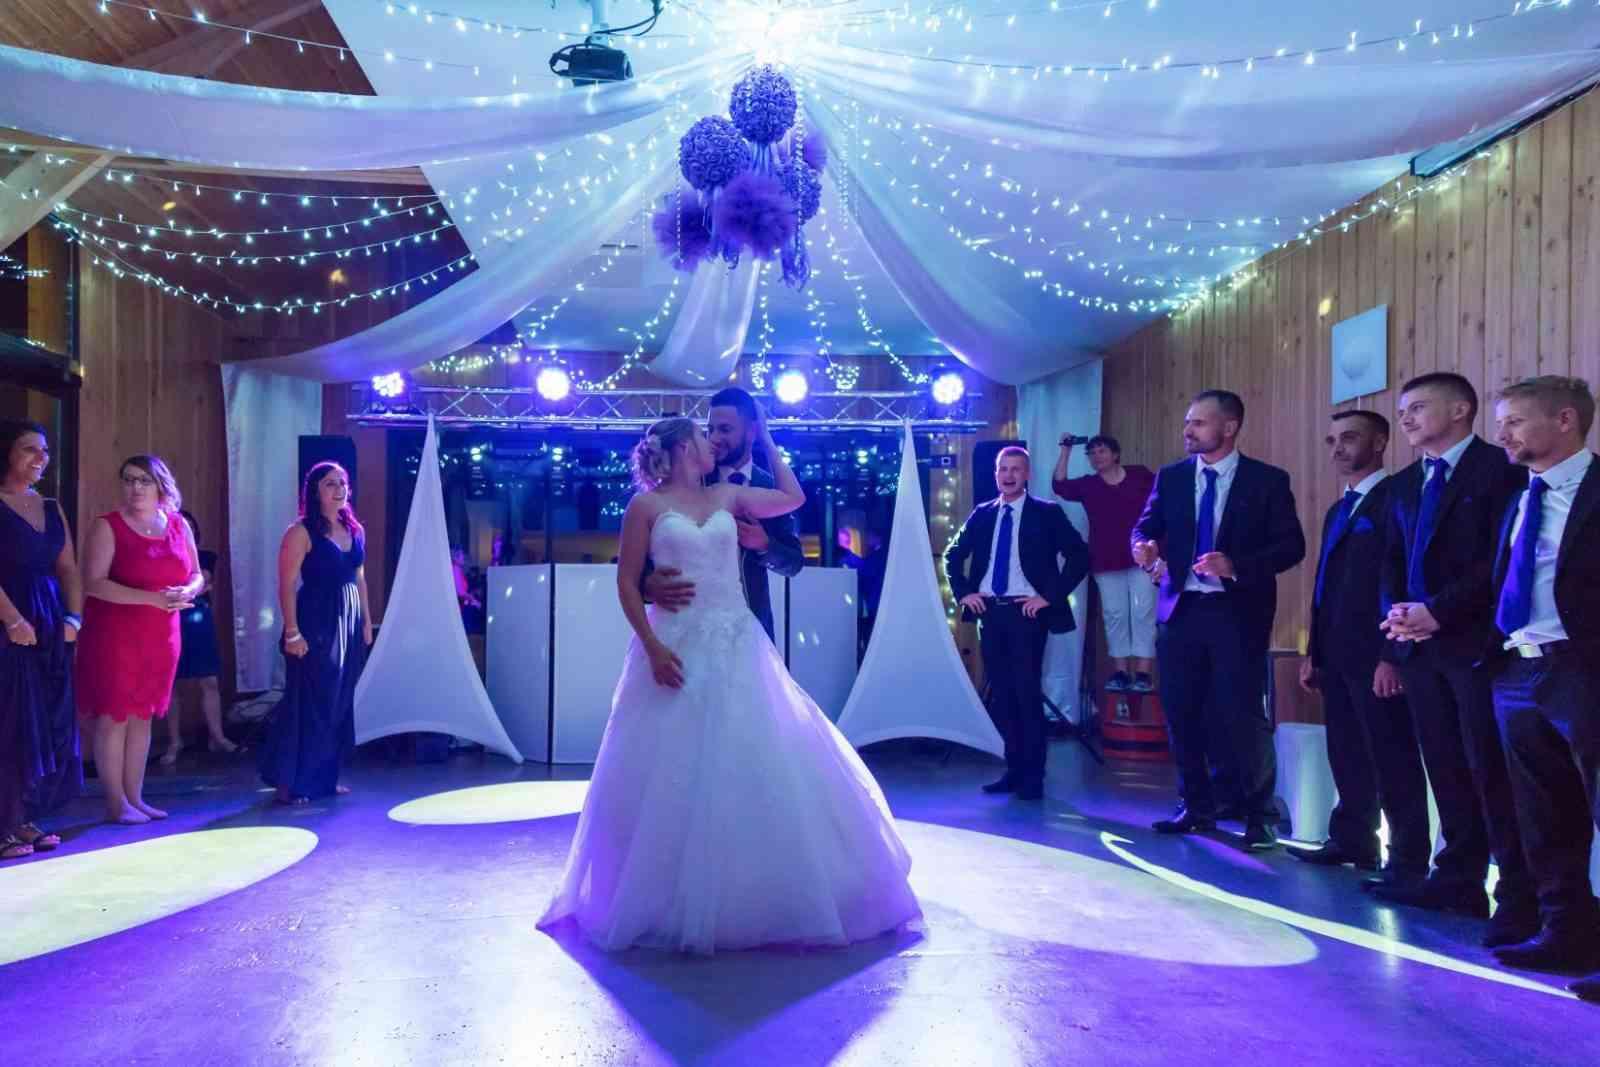 Ouverture de bal wedding planner